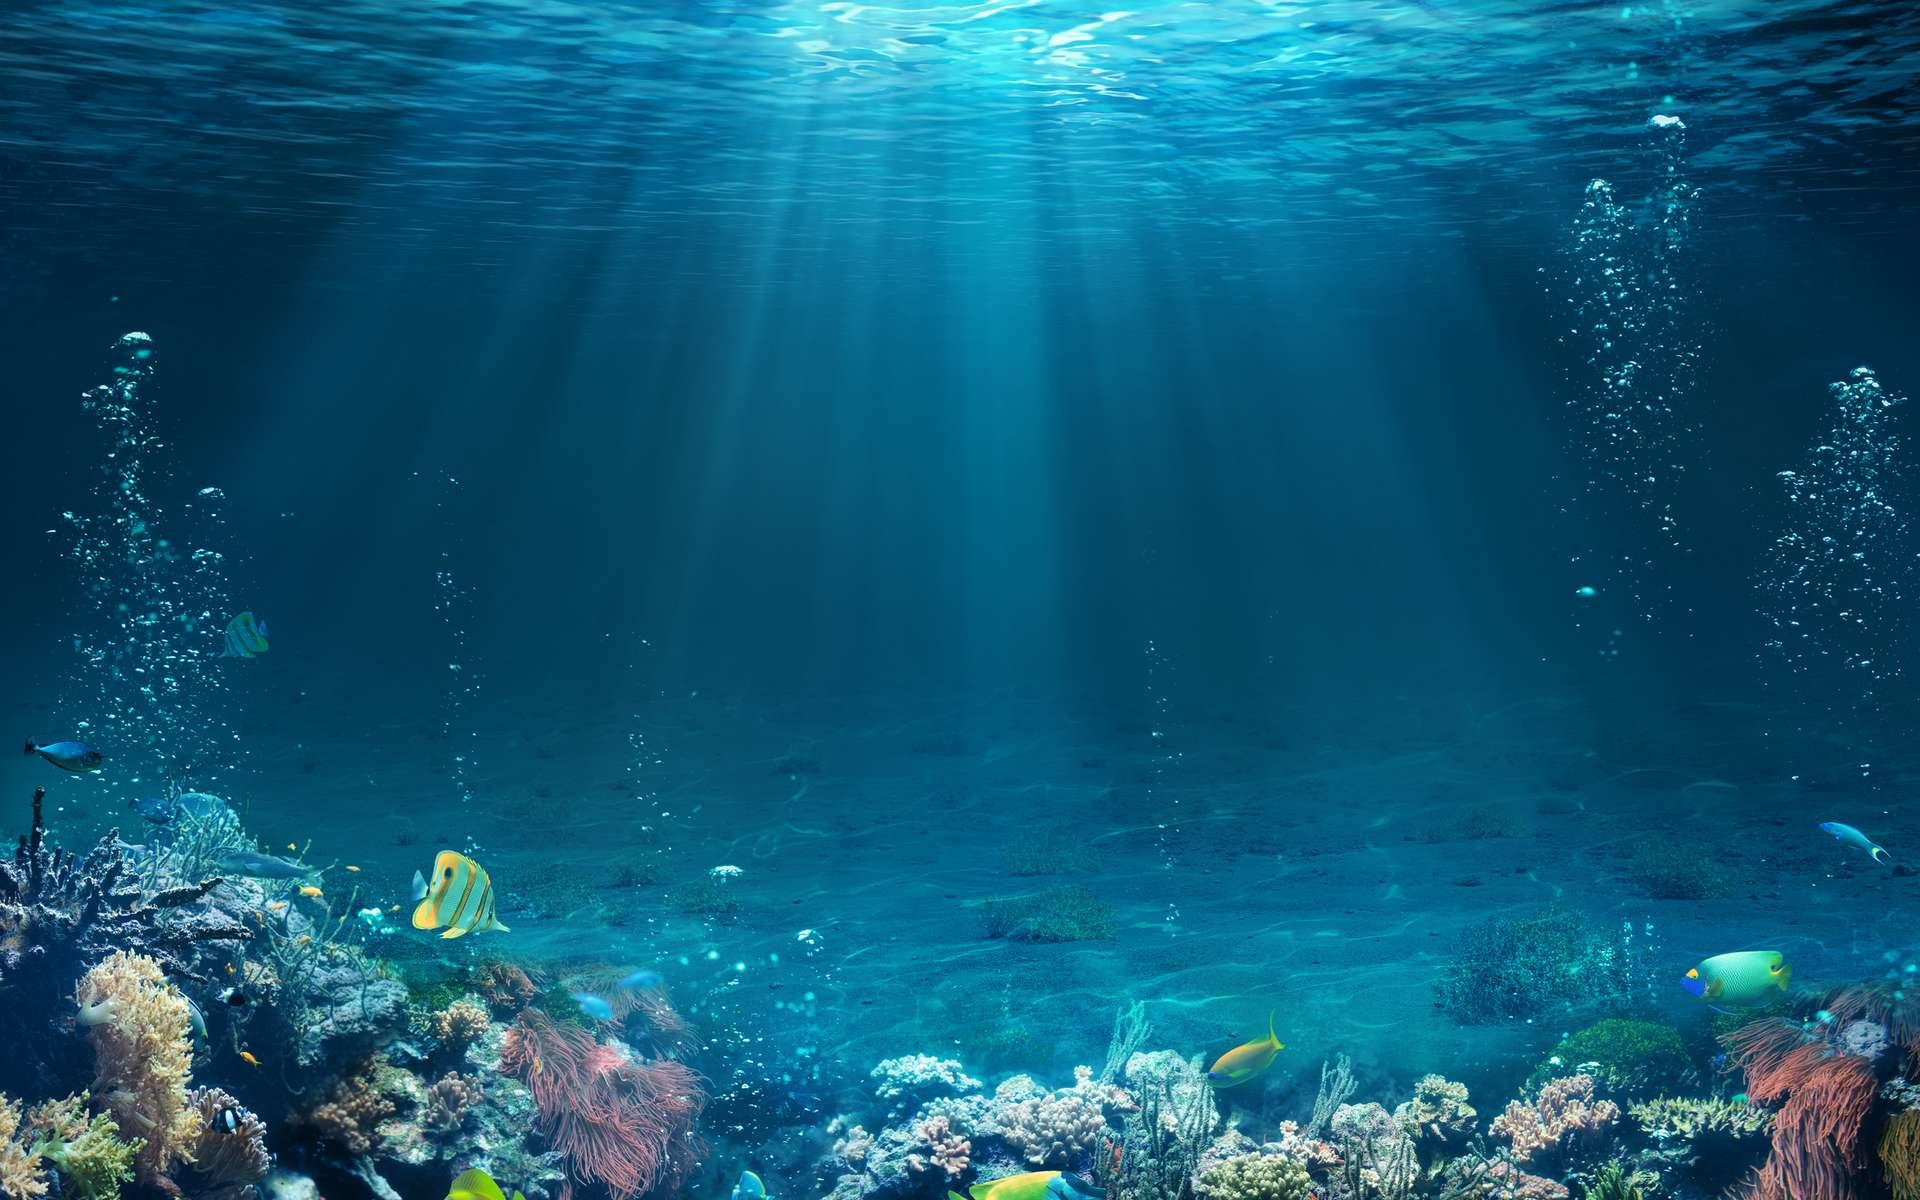 L'océan souffre. Les scientifiques se disent interloqués par l'ampleur, l'intensité et la rapidité du changement. © Romolo Tavani, Fotolia